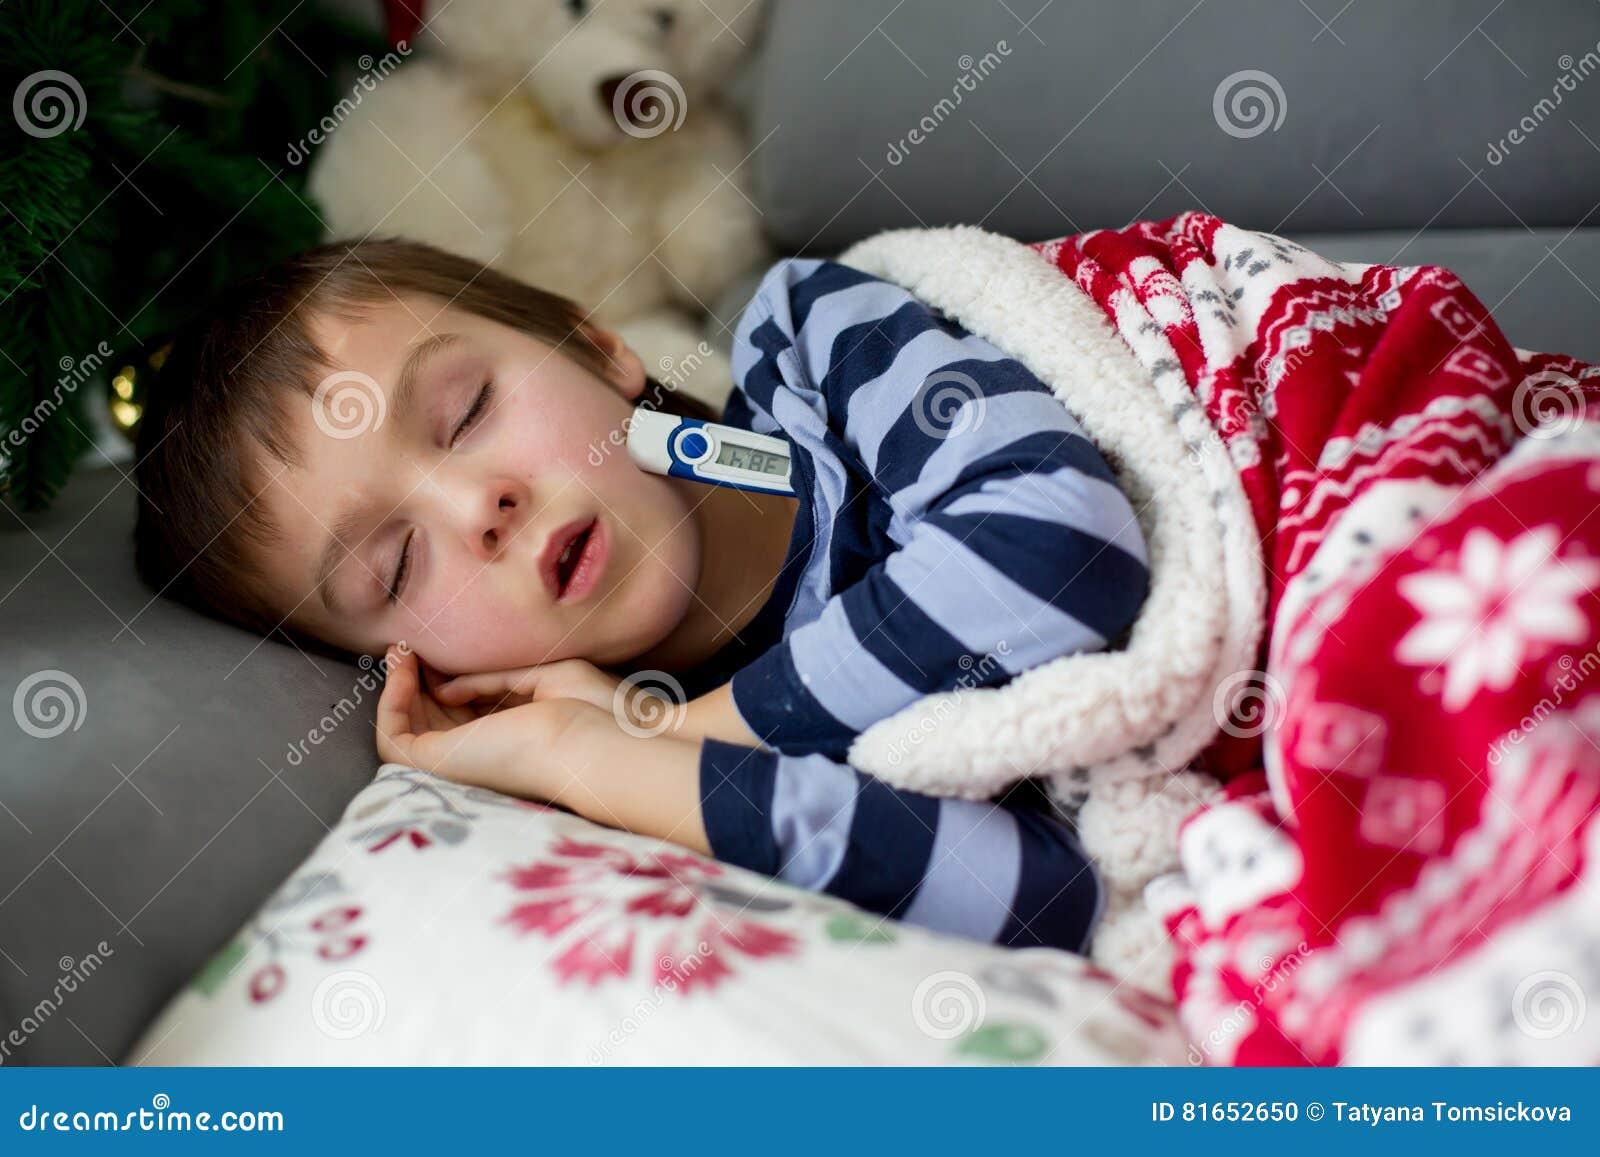 Schlafendes Kind Mit Fieber Wecken